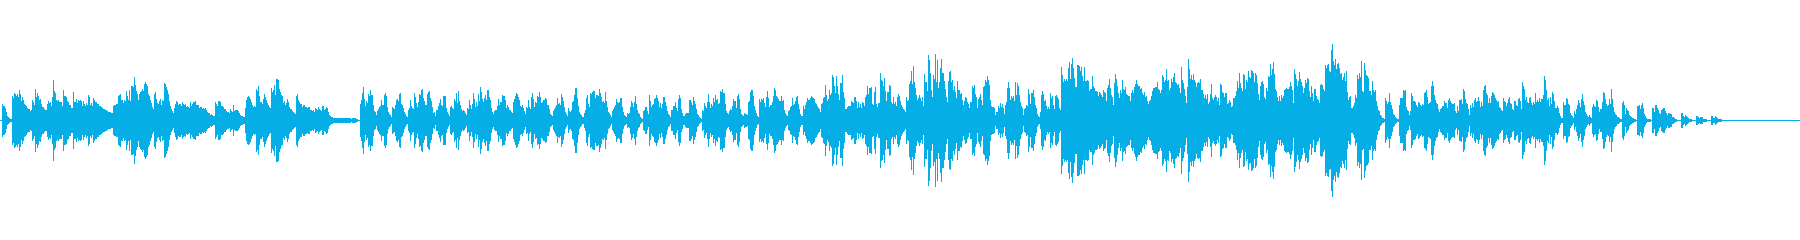 情熱的|ドラマチック|かっこいいピアノ曲の再生済みの波形